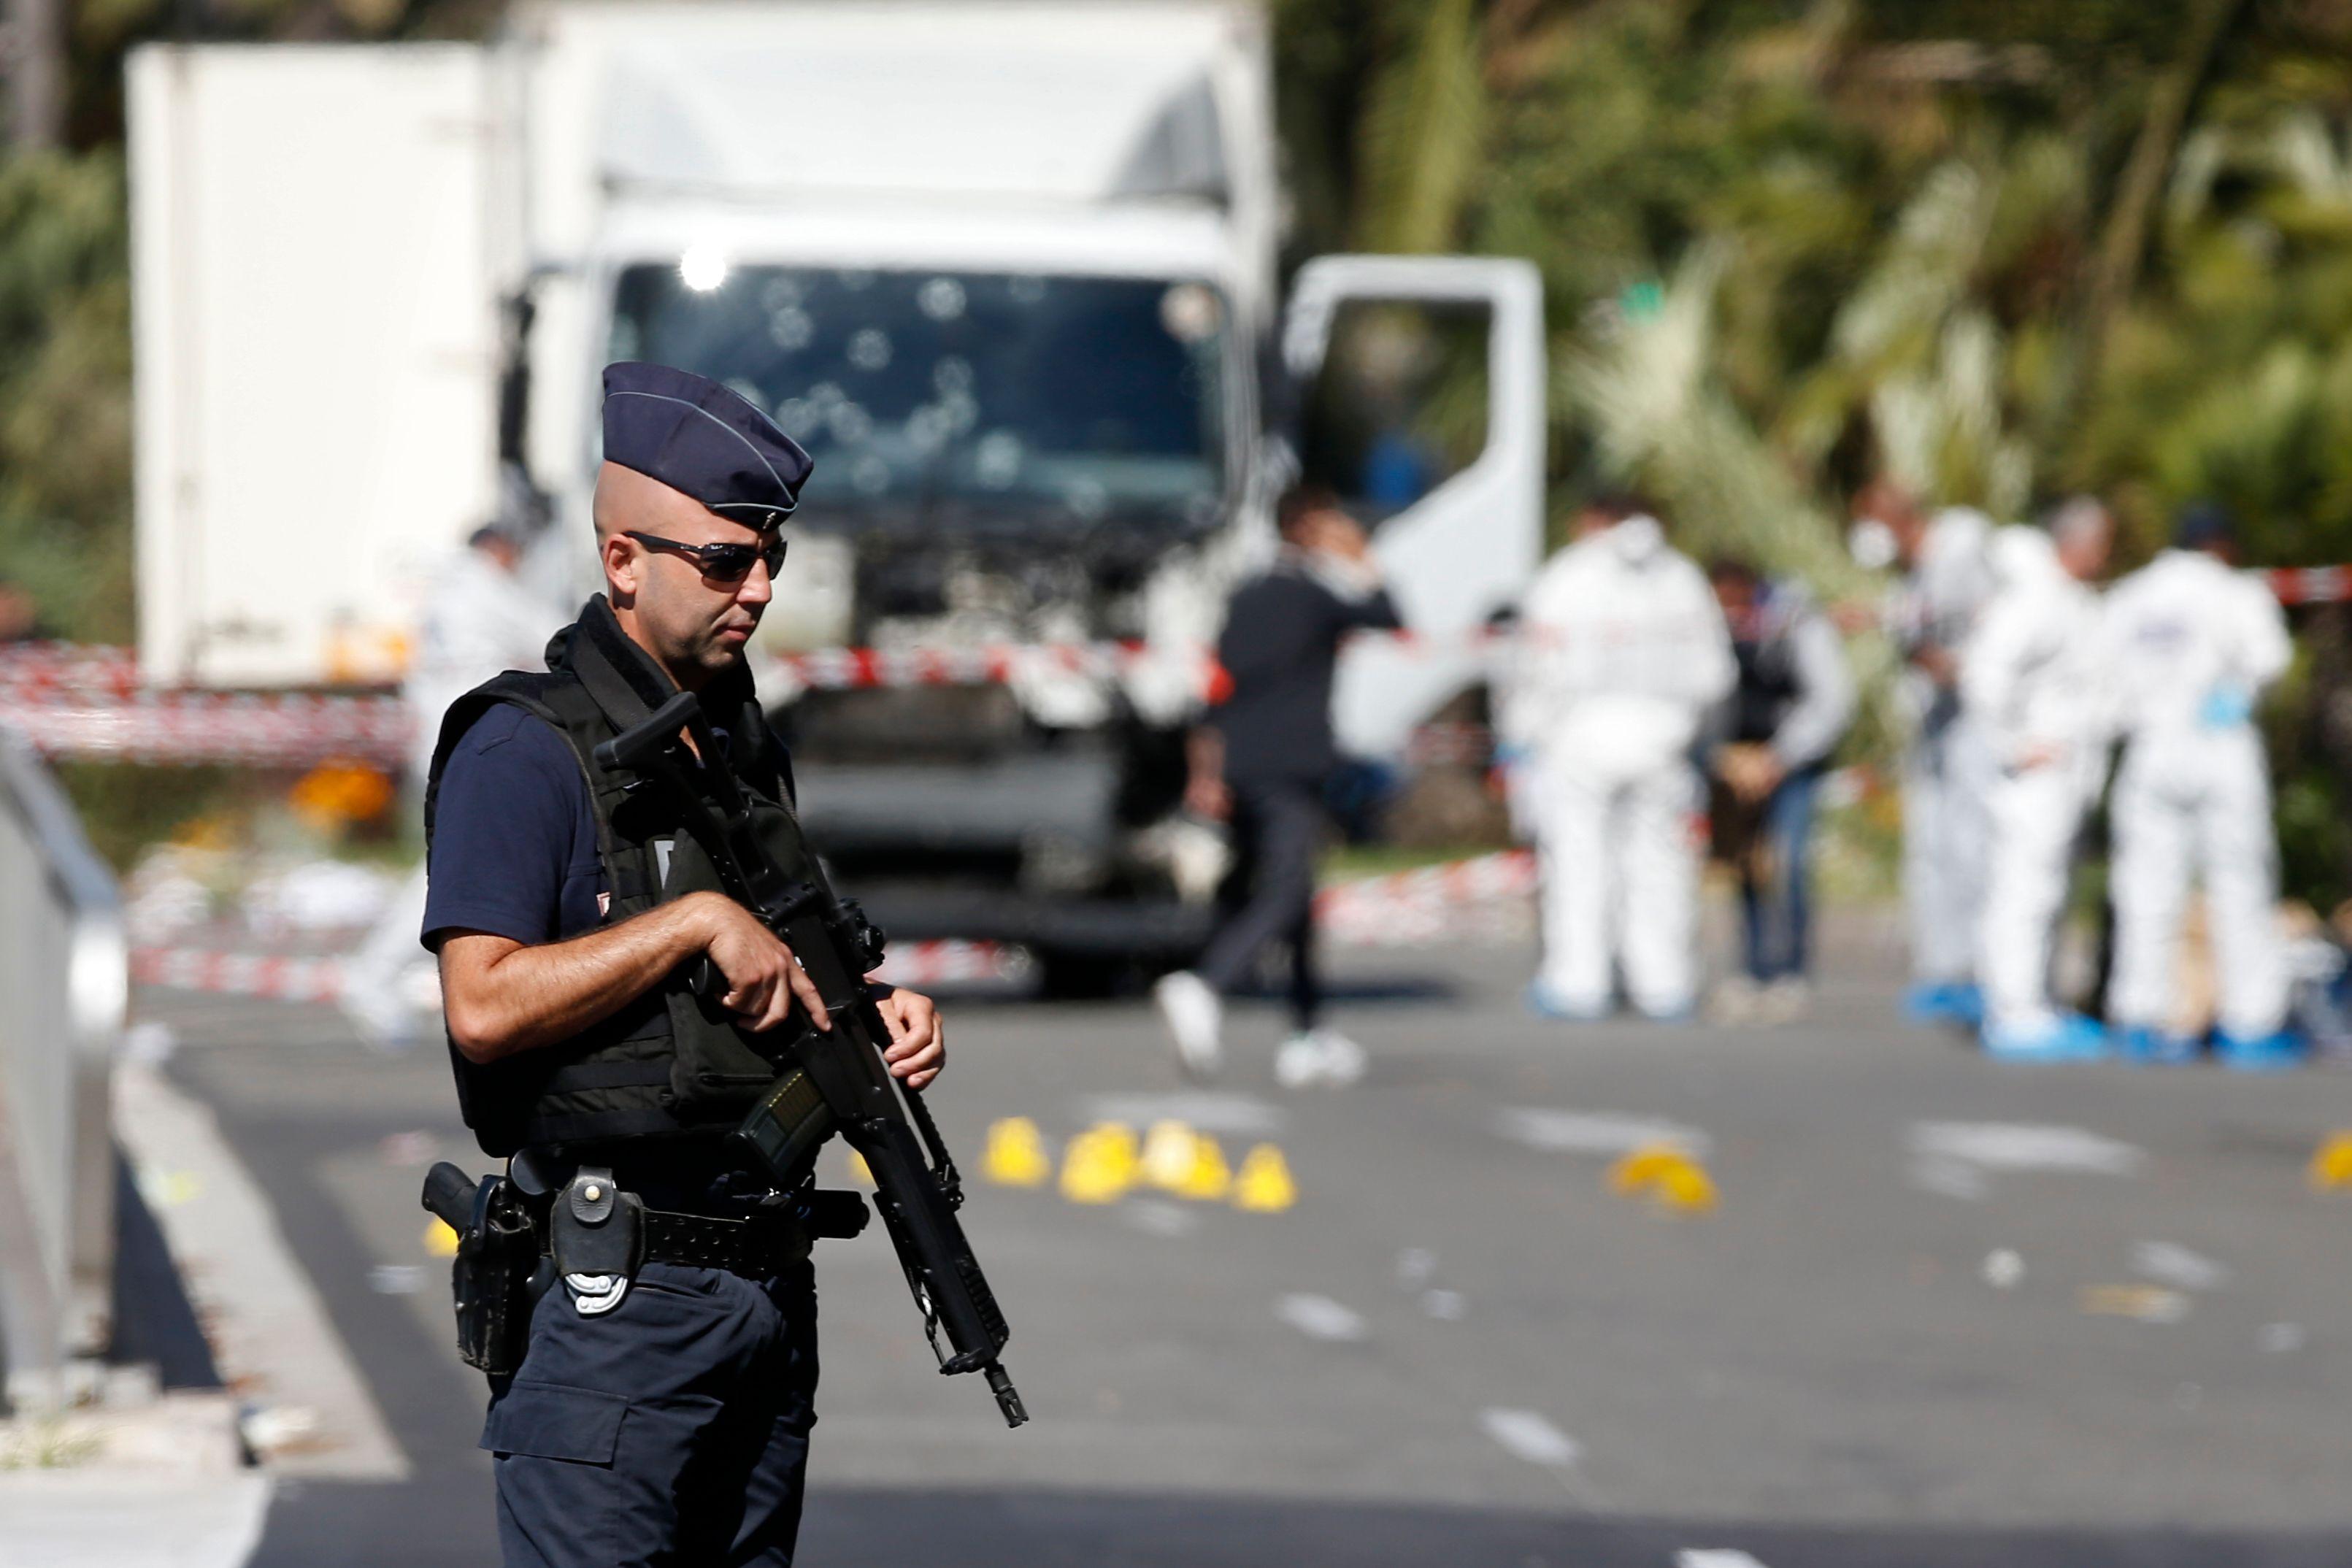 La police française sécurise la zone, le 15 juillet, après l'attentat qui a frappé Nice.